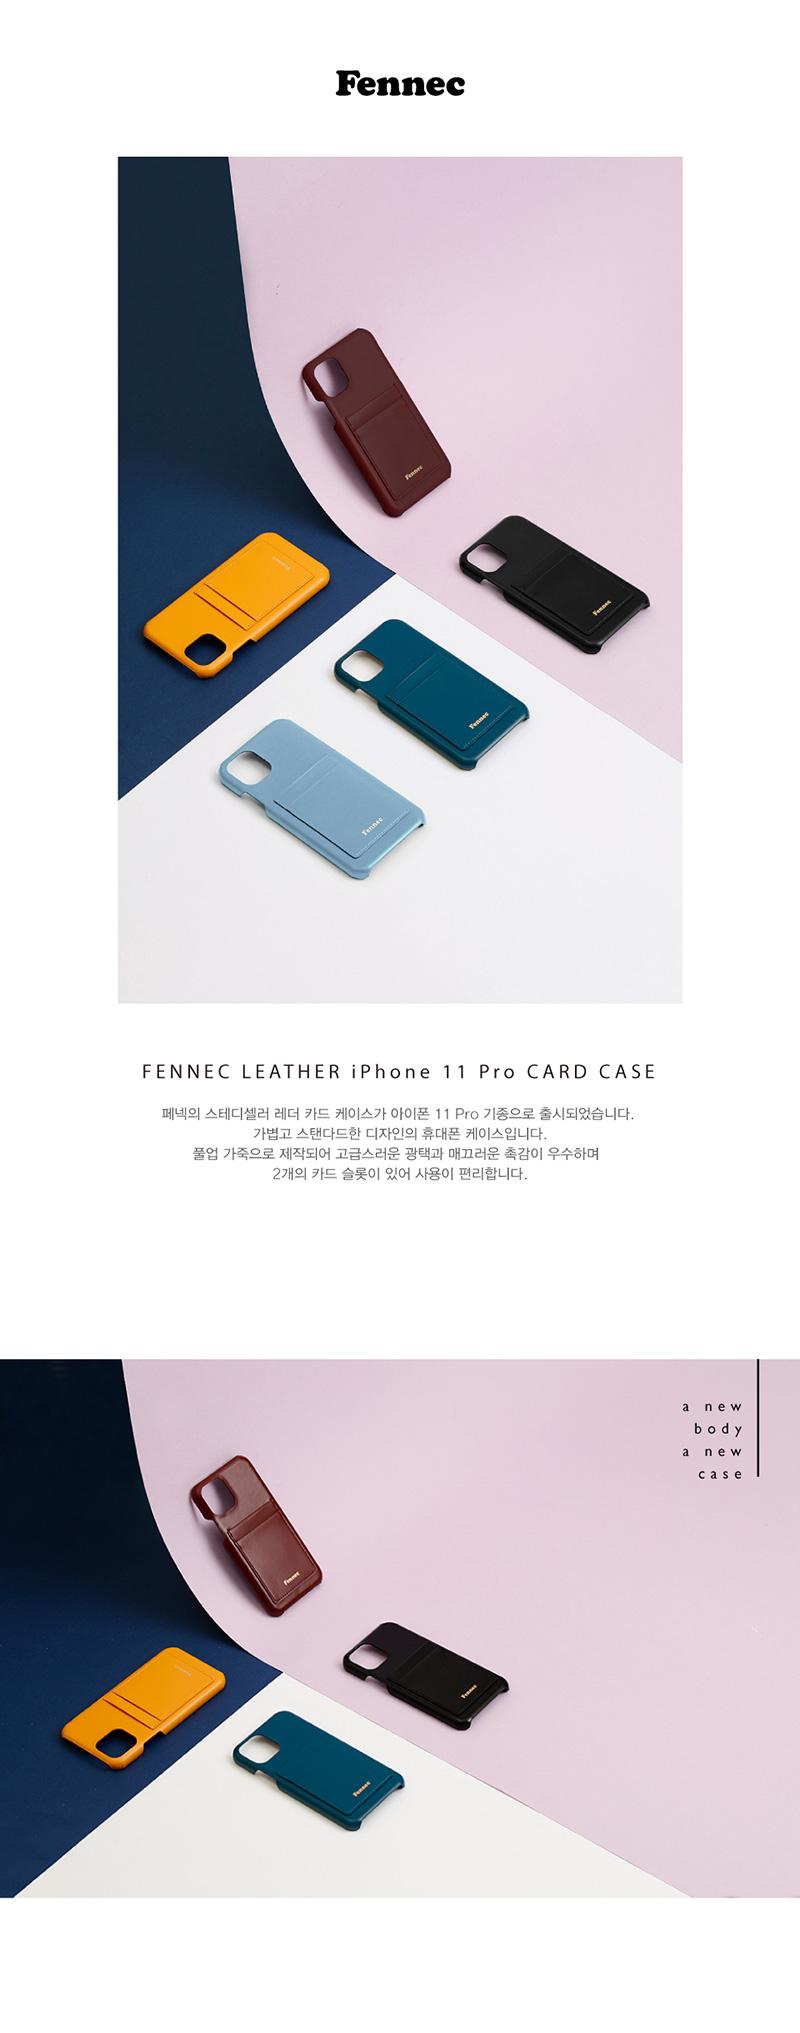 10x10-iphone-11pro_01.jpg